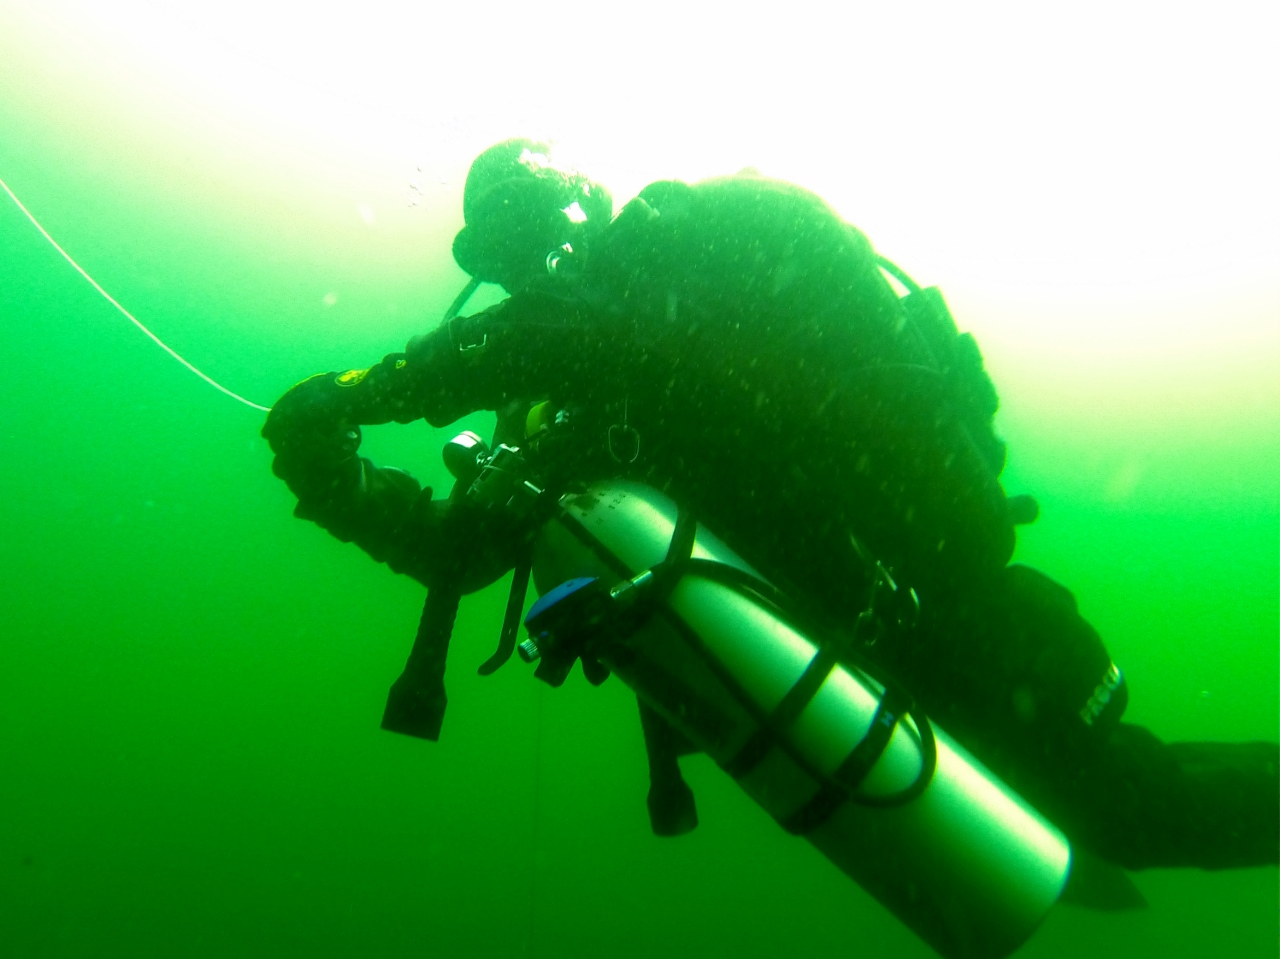 2014-juni-steina-tecrec-tec-tauchen-deep-diver-prelle-divecrew-berlin (50)